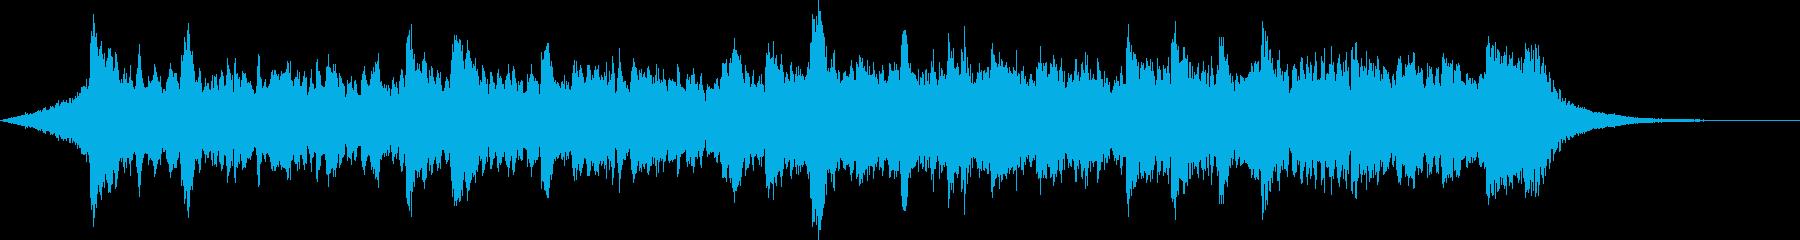 企業VP映像、175オーケストラ、爽快Sの再生済みの波形